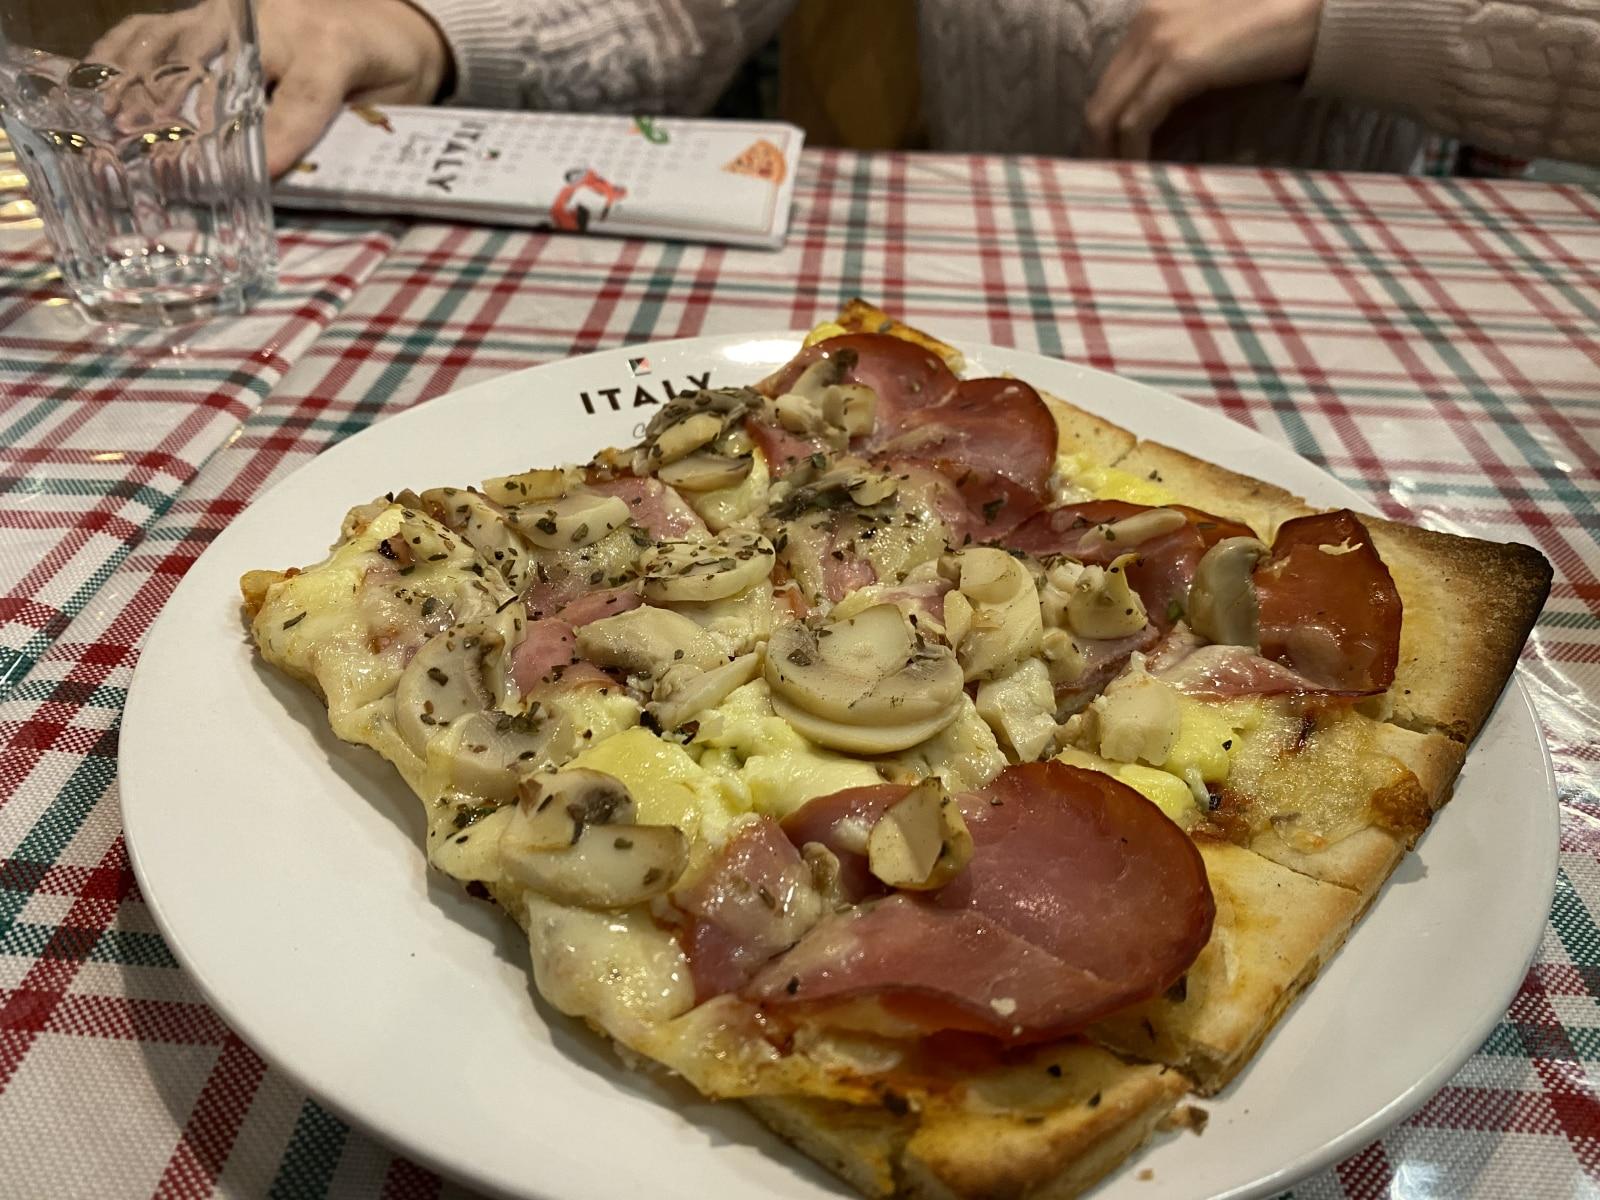 Italy-Café-2